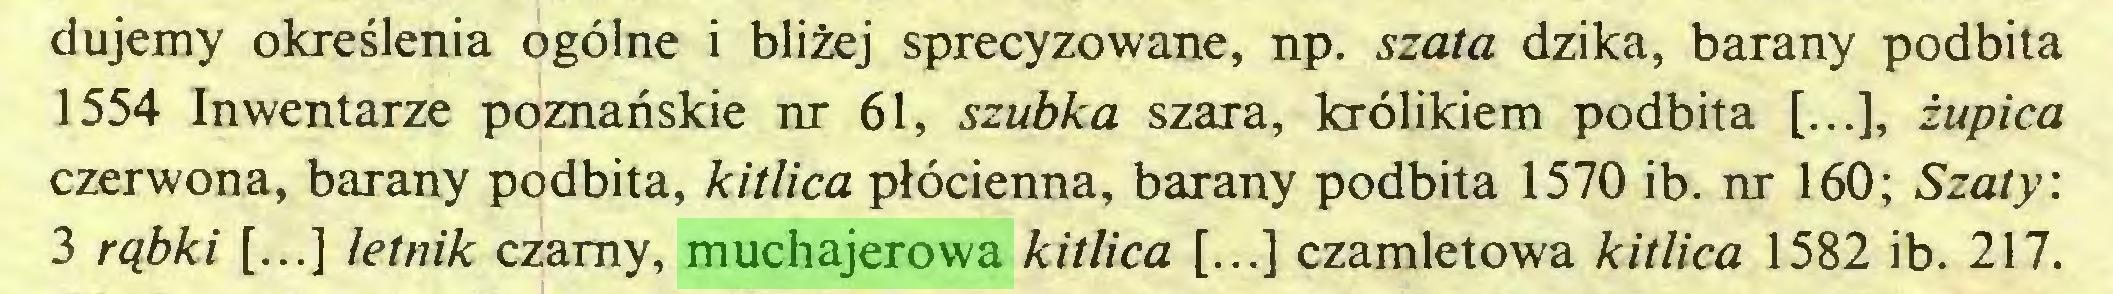 (...) dujemy okreslenia ogölne i blizej sprecyzowane, np. szata dzika, barany podbita 1554 Inwentarze poznanskie nr 61, szubka szara, krölikiem podbita [...], zupica czerwona, barany podbita, kitlica plöcienna, barany podbita 1570 ib. nr 160; Szaty: 3 rqbki [...] letnik czarny, muchajerowa kitlica [...] czamletowa kitlica 1582 ib. 217...